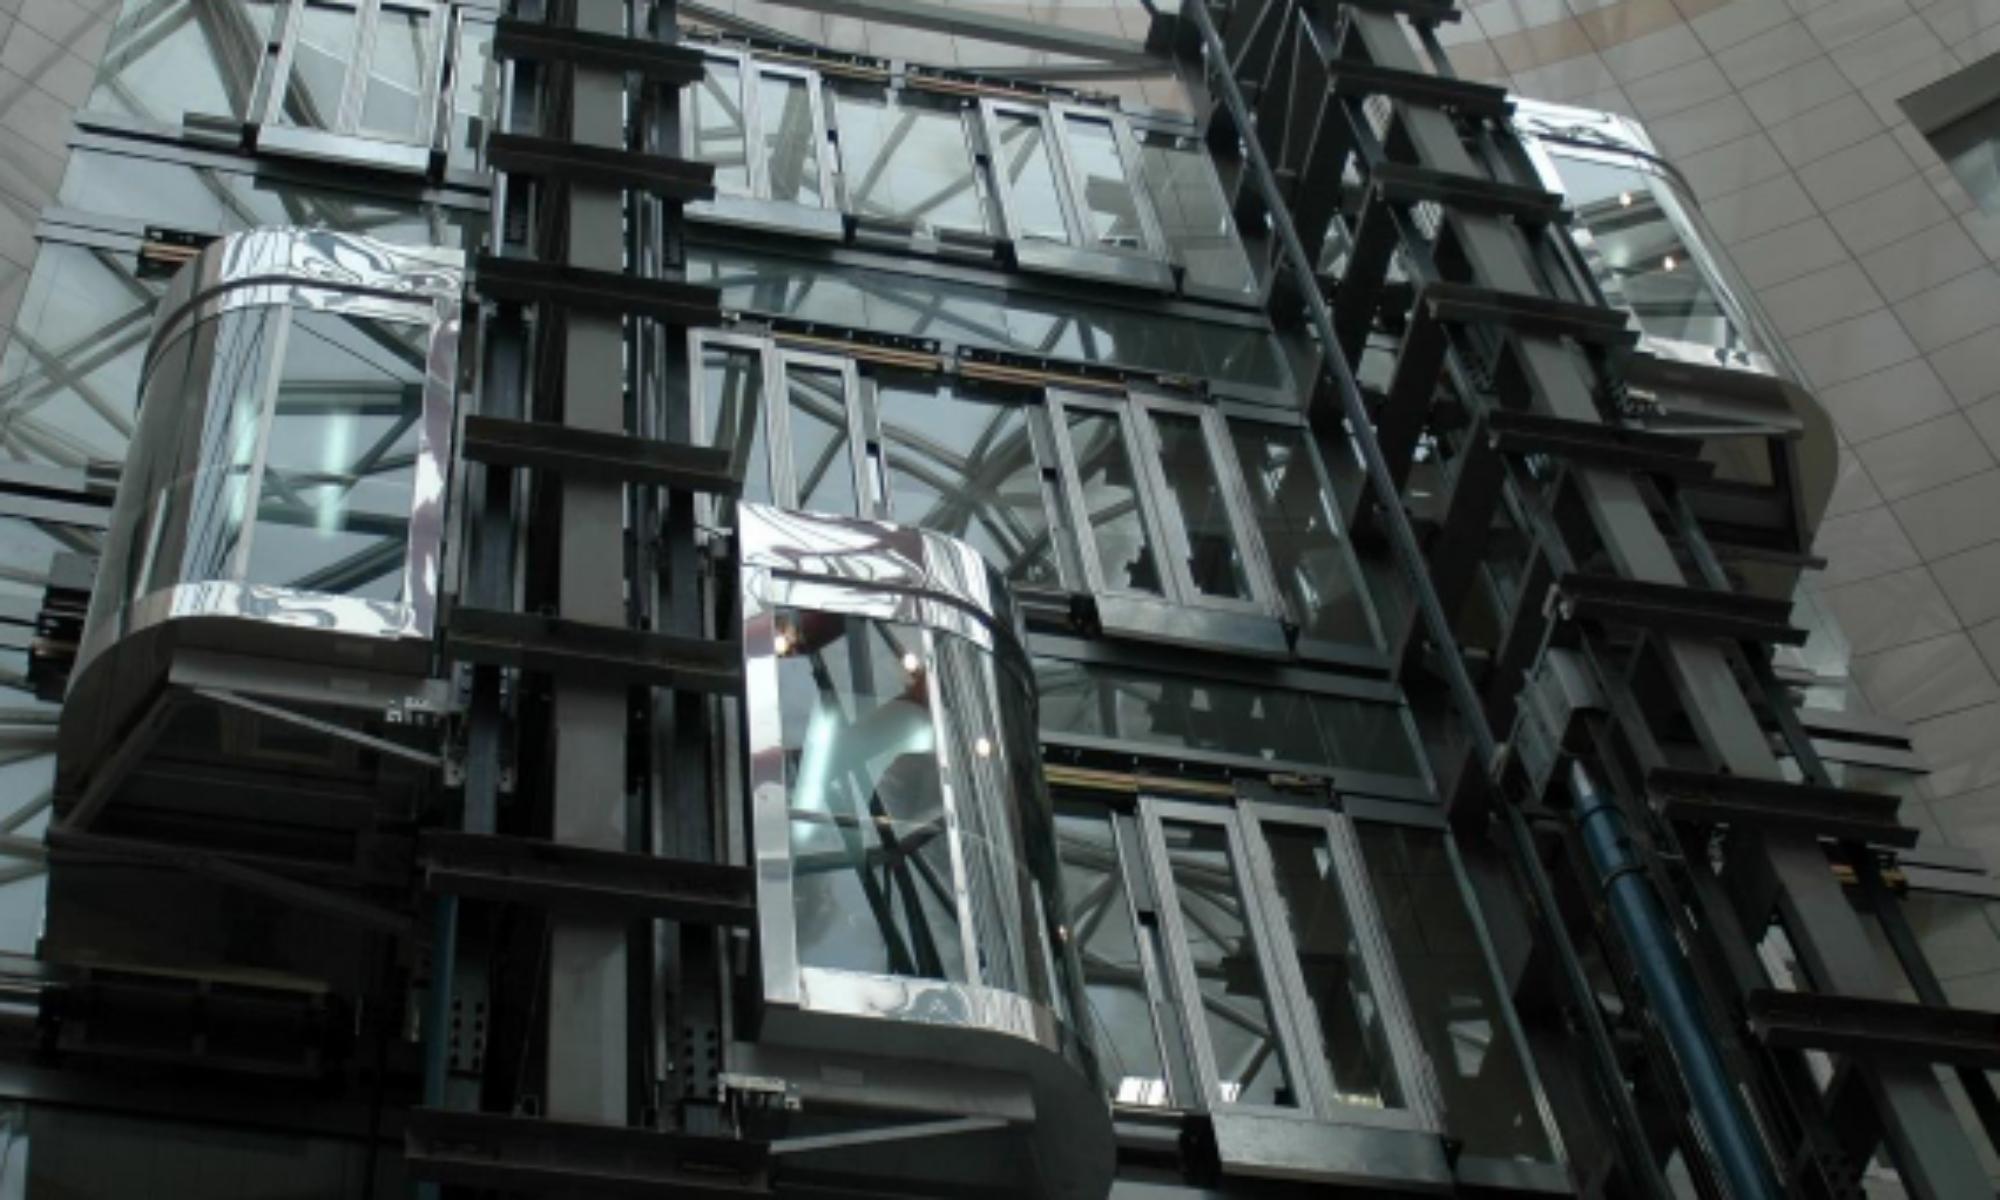 Installation, Réparation, Remplacement, Modernisation, Maintenance : Ascenseurs, Élévateurs, Monte-charges,  Monte-plats